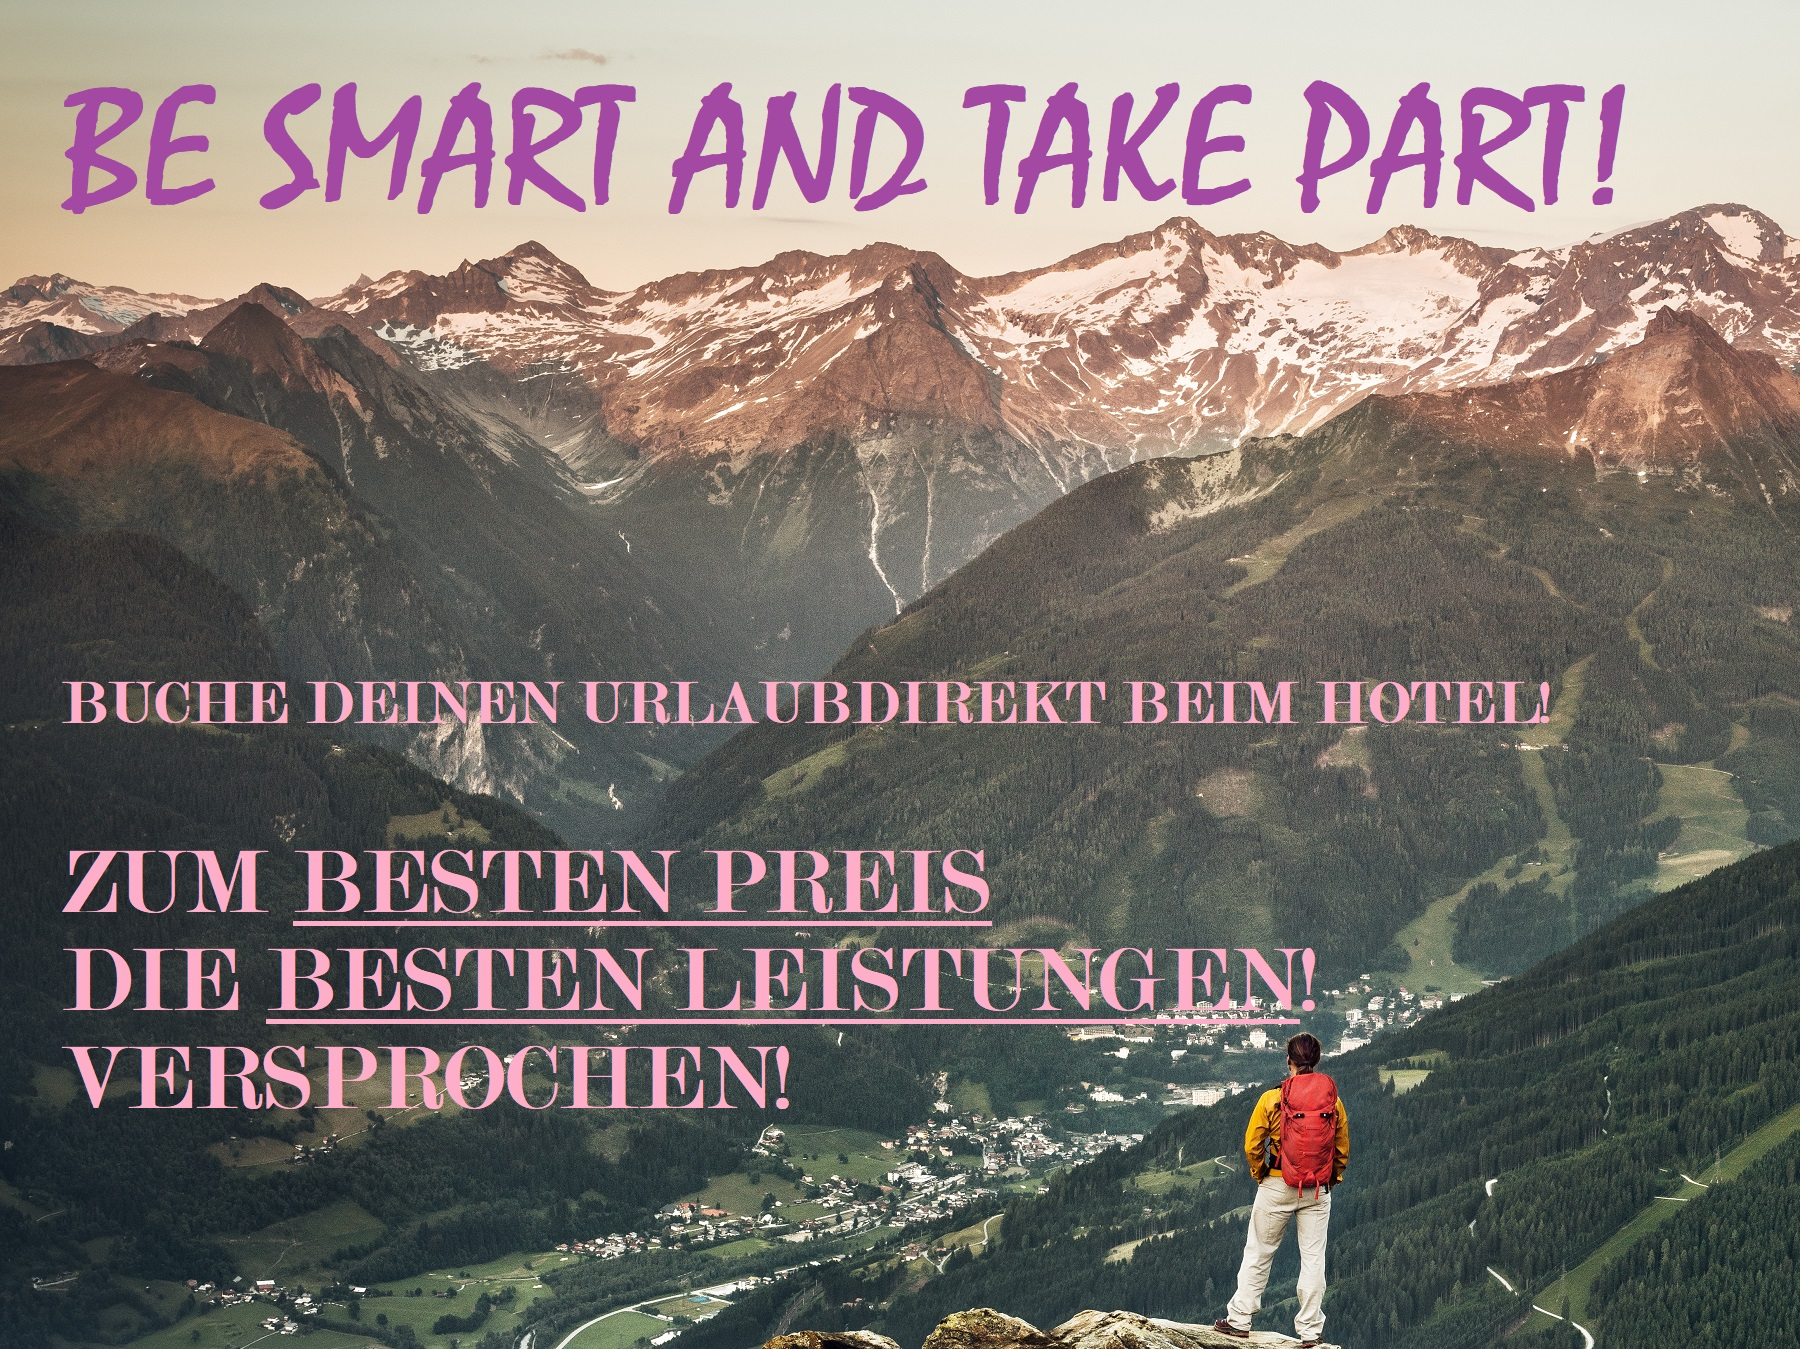 BE SMART TAKE PART - DIREKT BUCHEN UND VOM BESTEN PREIS UND EEN BESTEN LEISTUNGEN PROFITIEREN